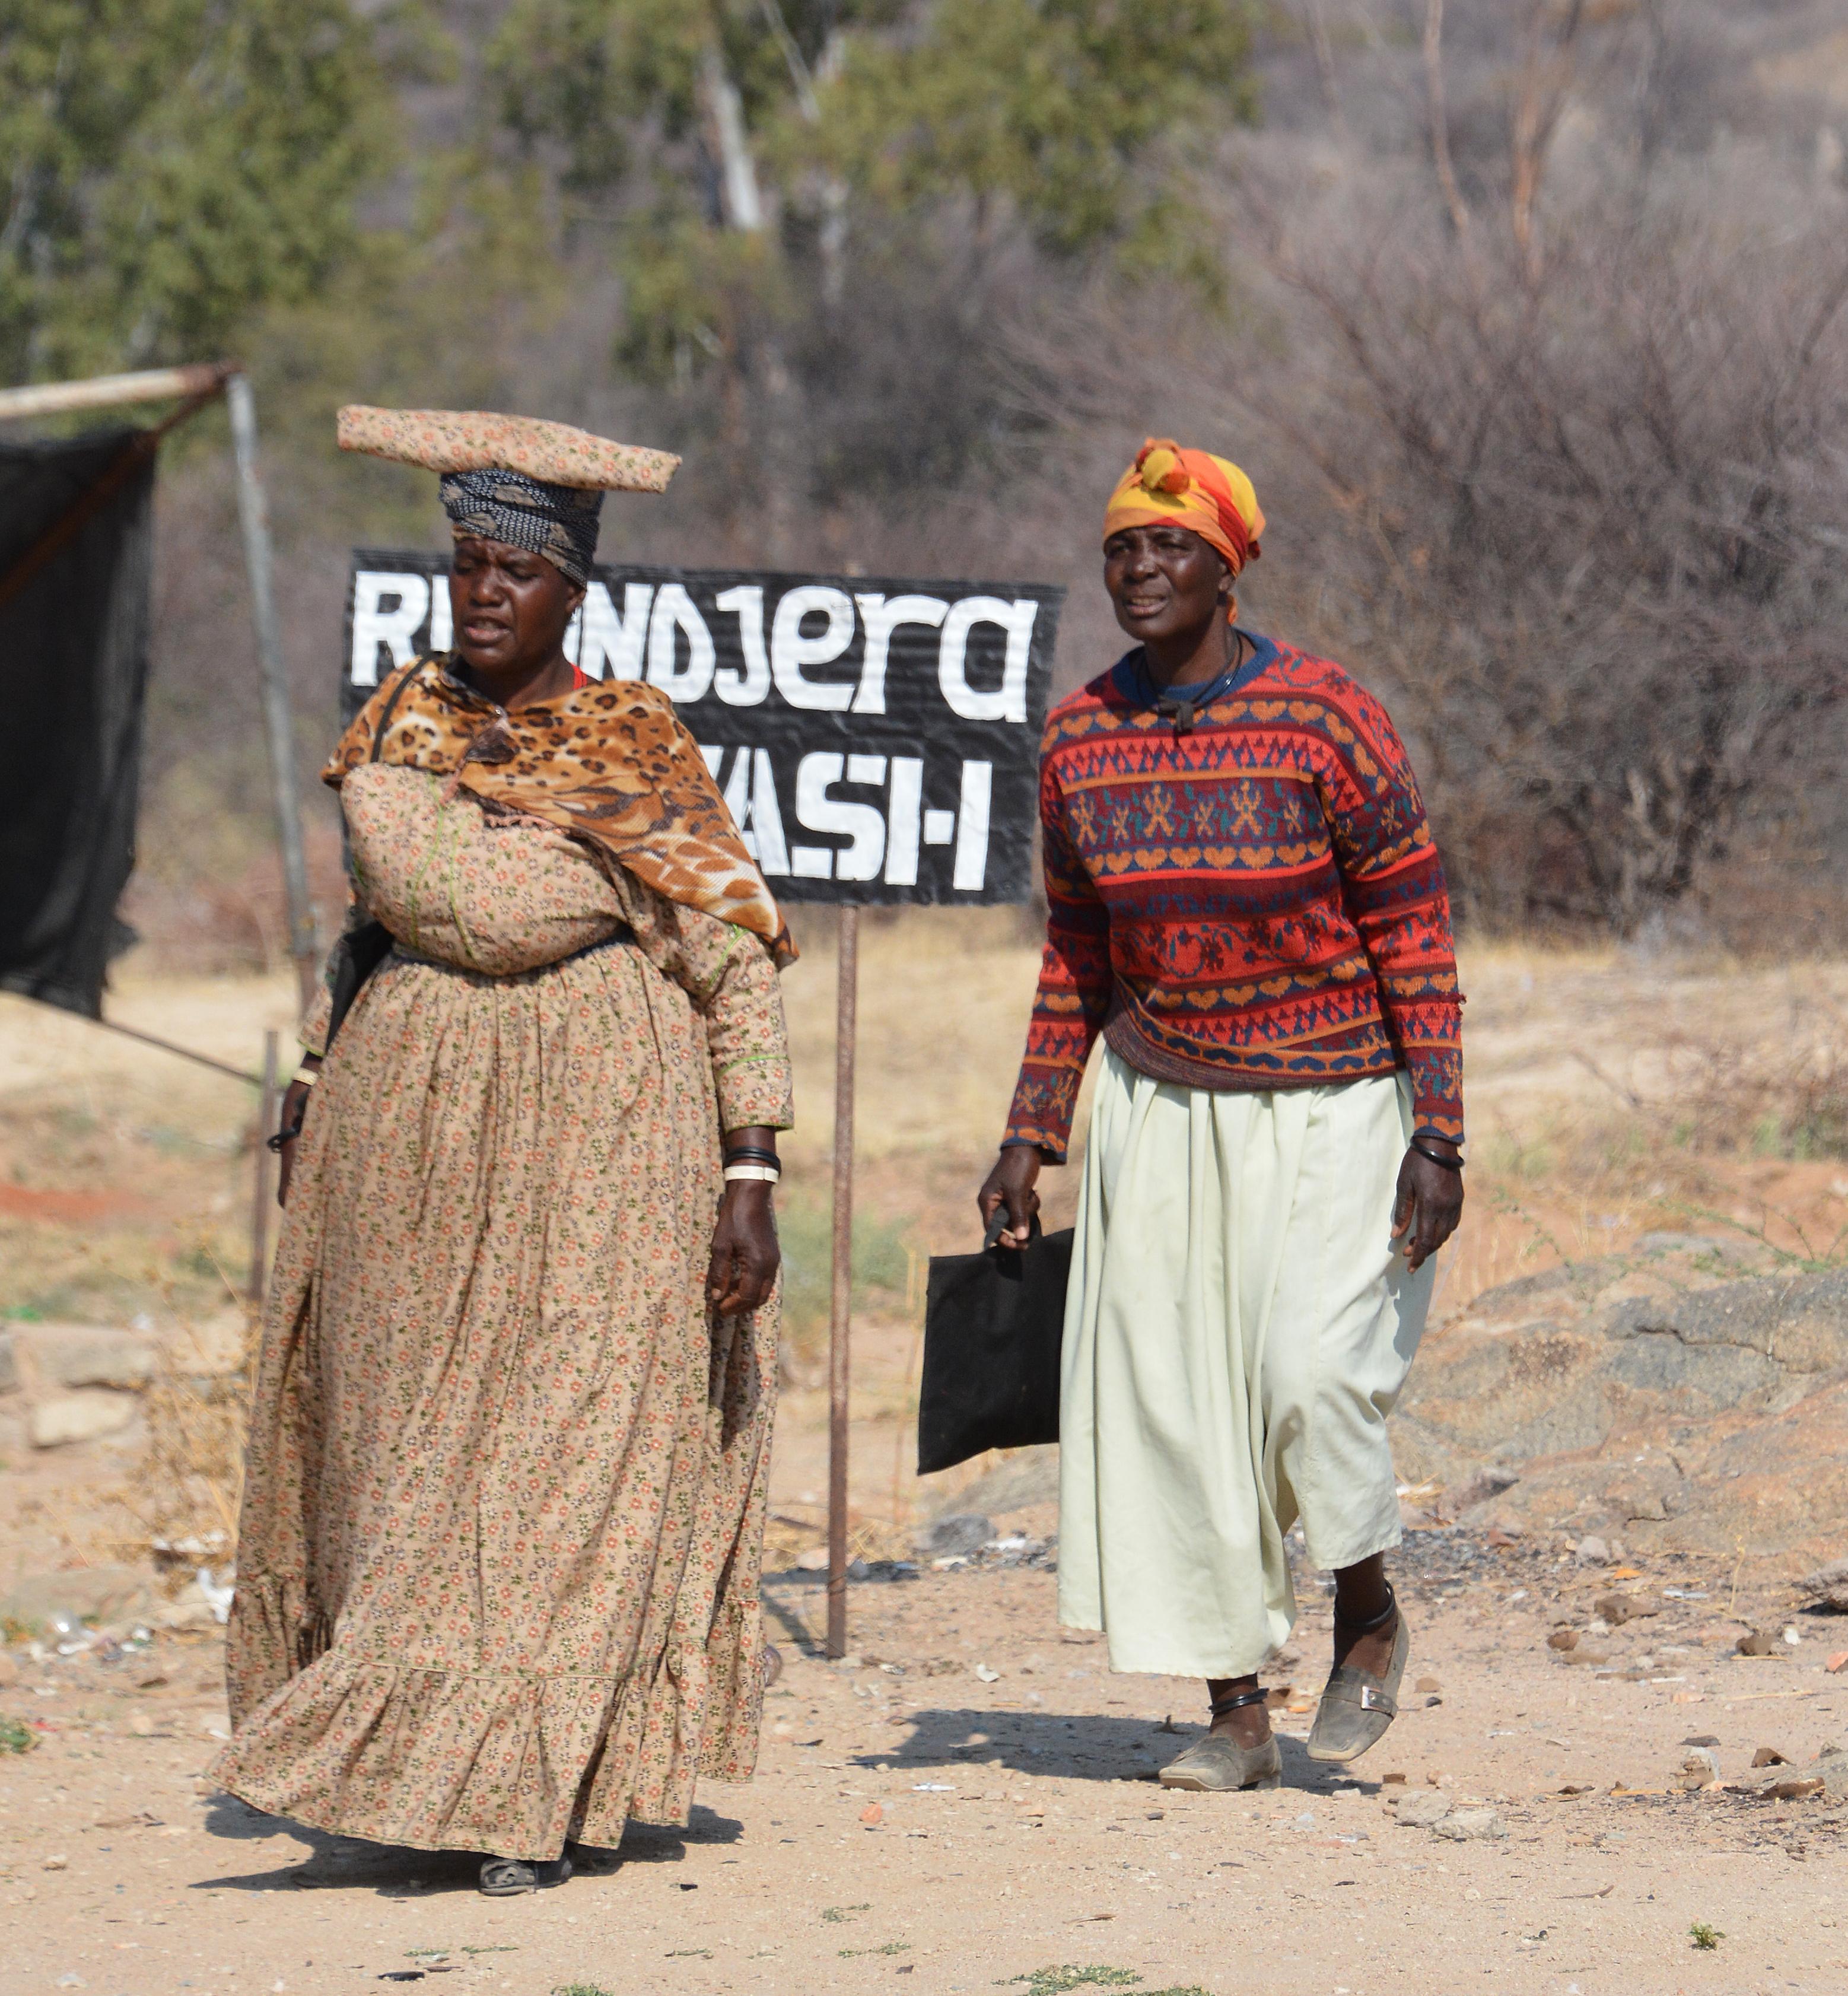 Германия на съд за геноцид в Намибия?